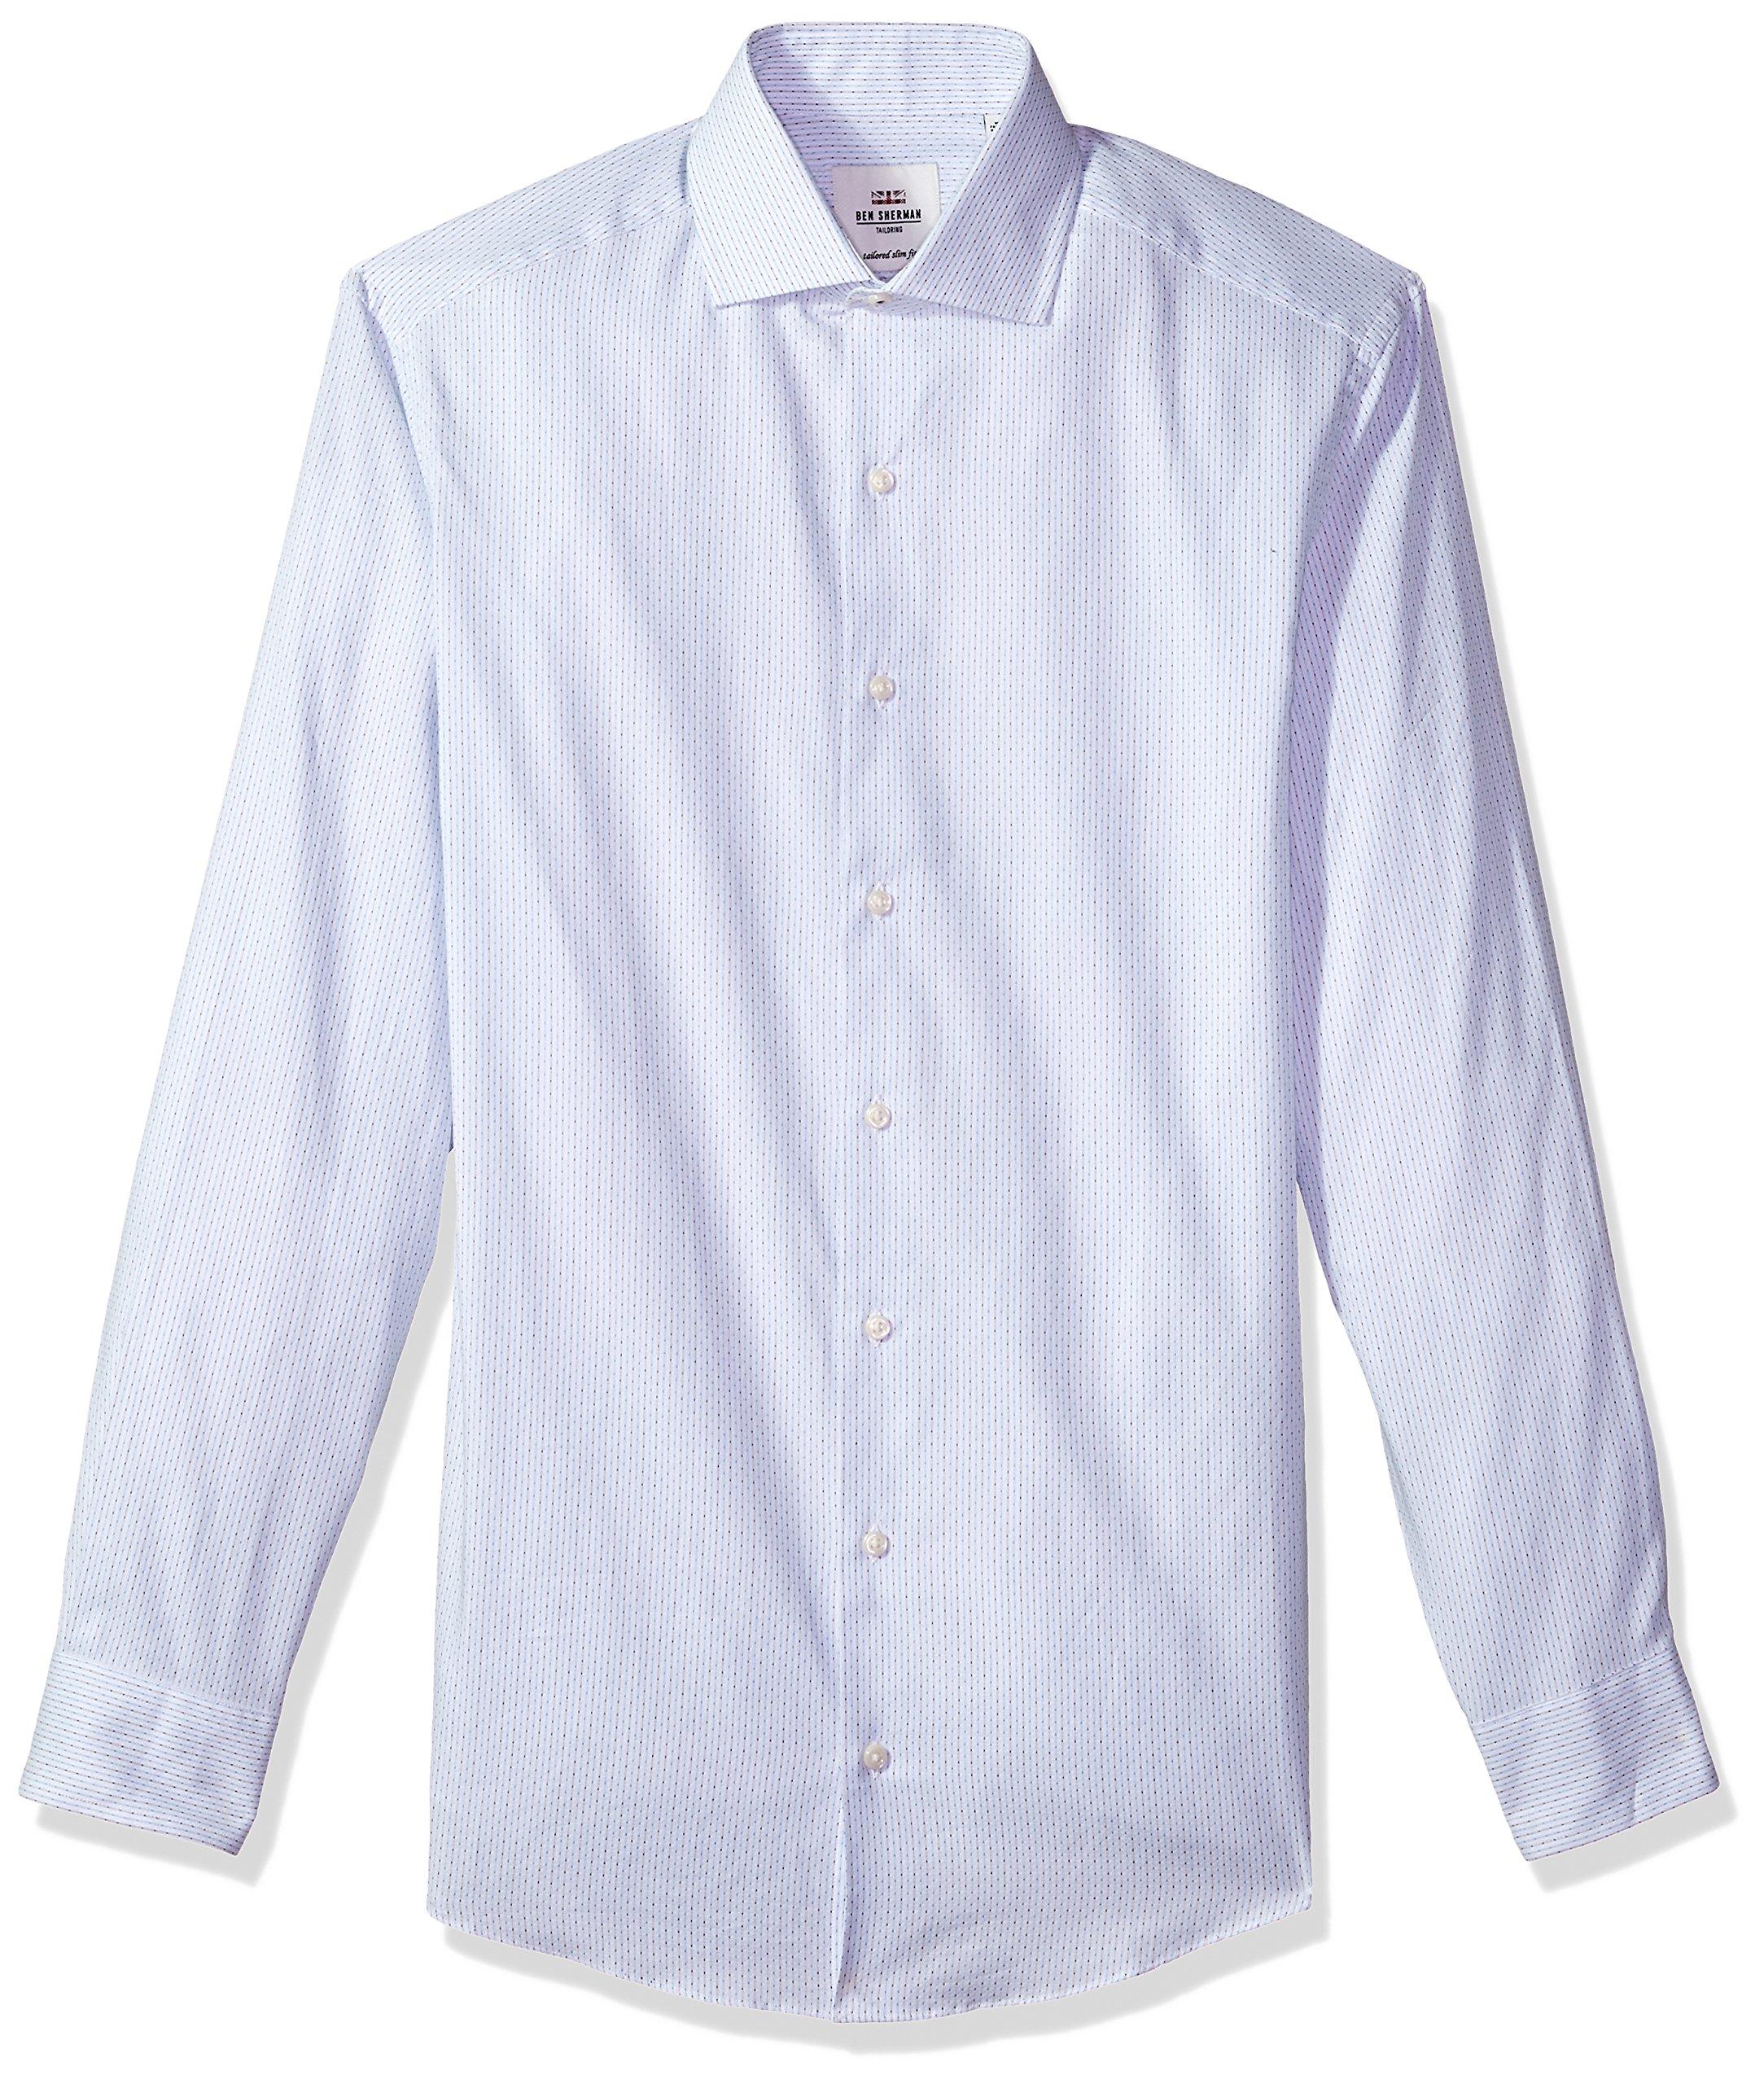 Ben Sherman Men's Teal Dot Dobby Slim Fit Dress Shirt, White, 15'' Neck 34/35'' Sleeve